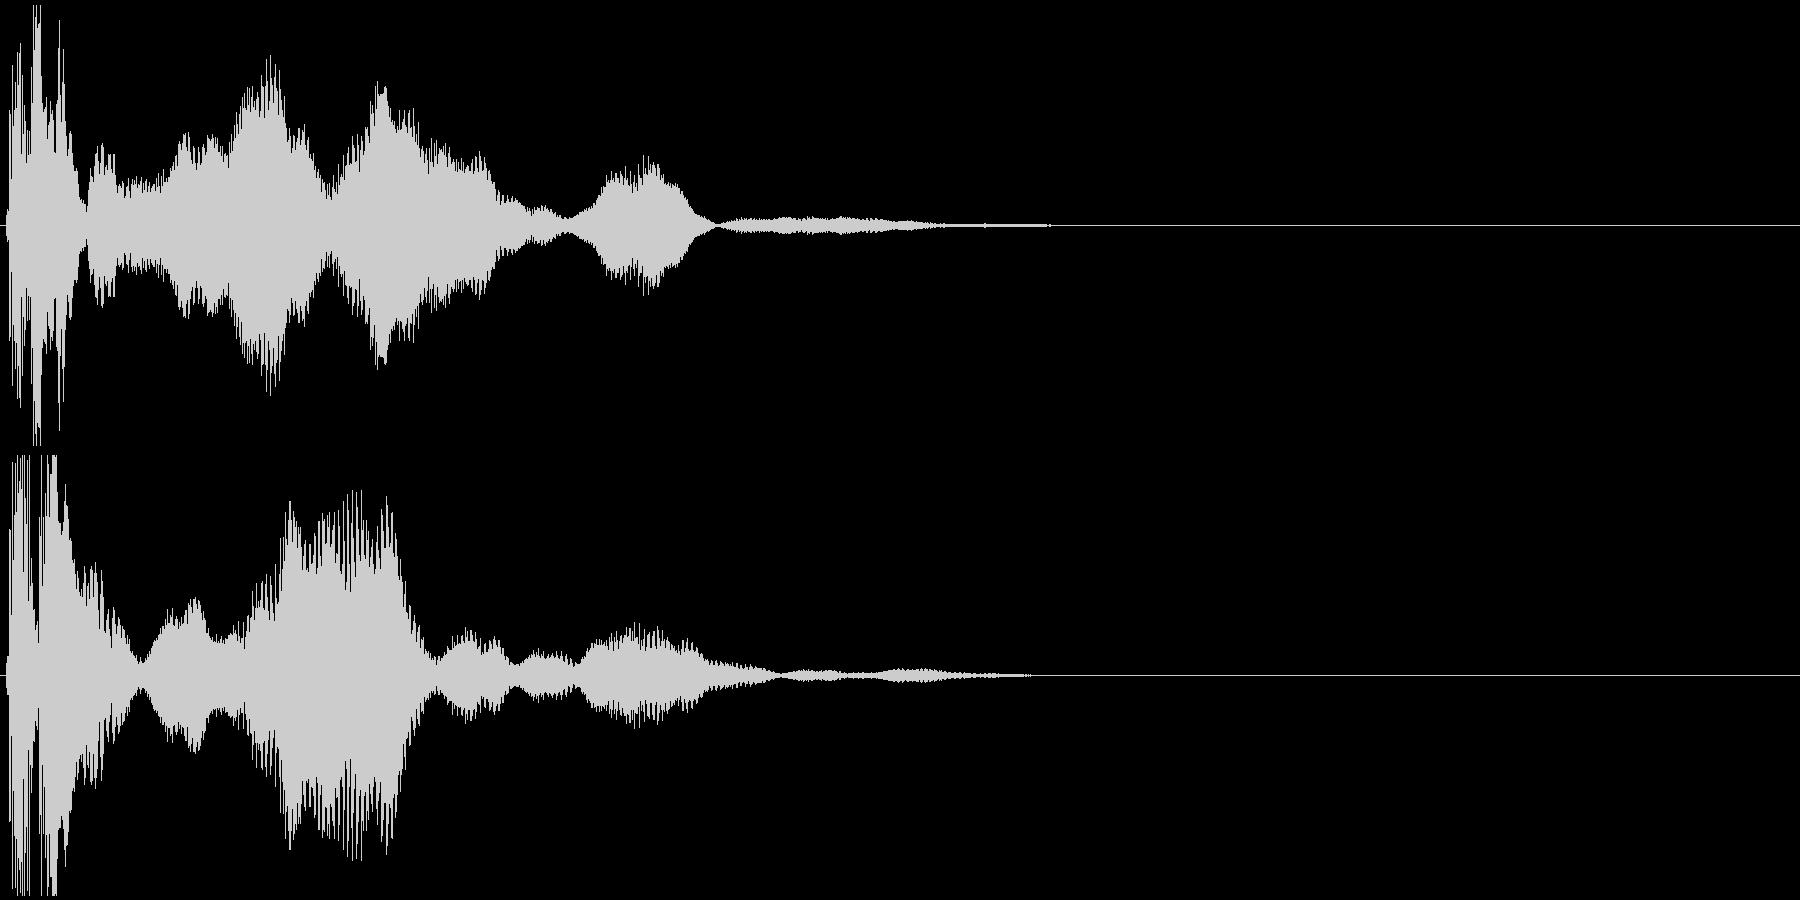 「シールド」SF/シールド起動_002の未再生の波形